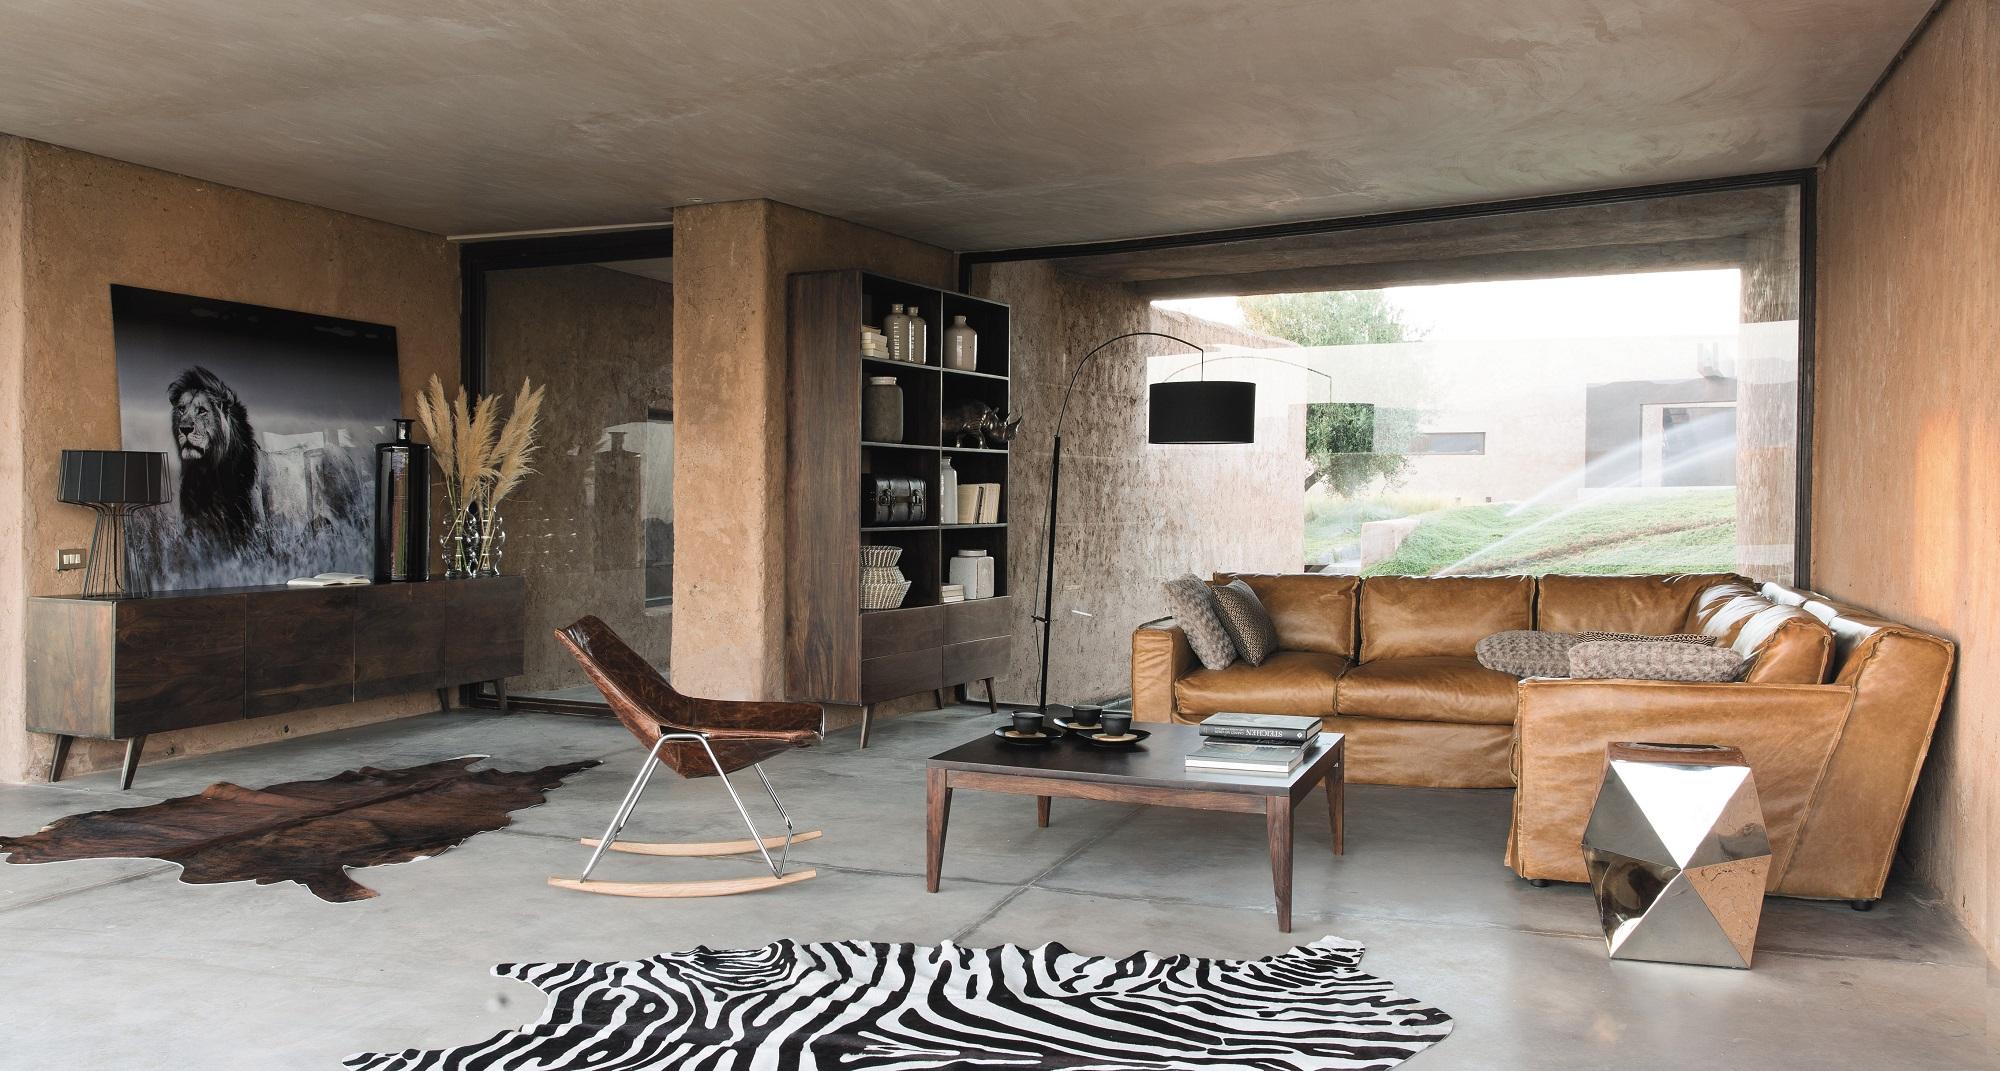 Dale un giro a tu casa y dale un ambiente africano gracias a maisons du monde - Maison du monde venette ...